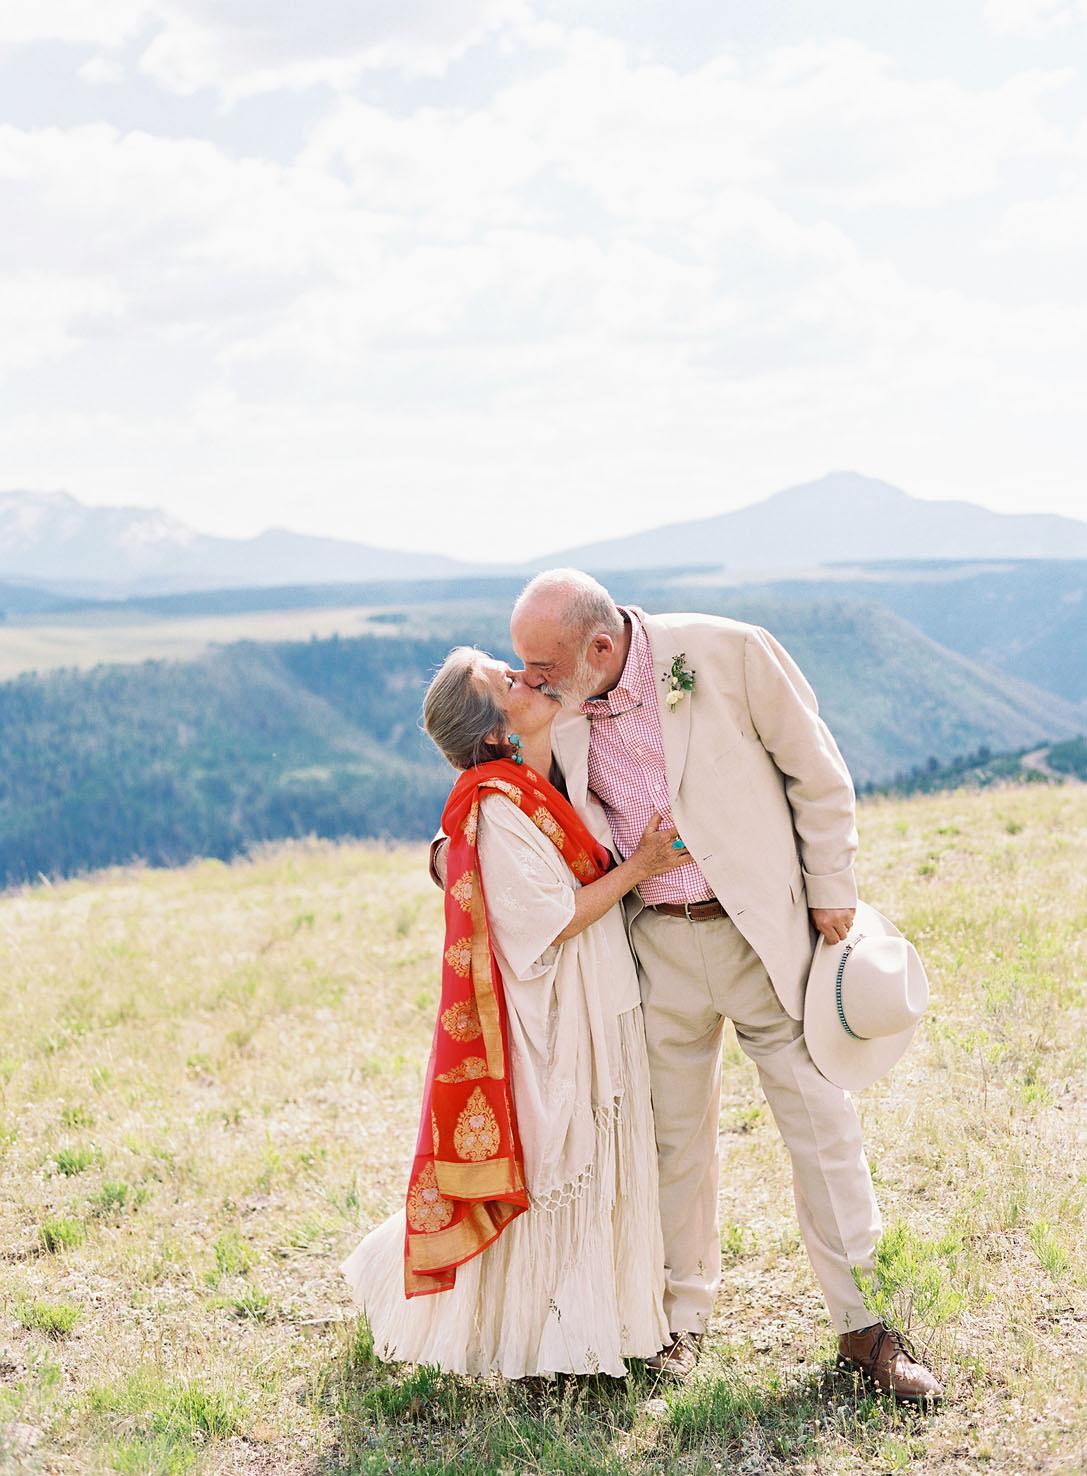 parents kiss